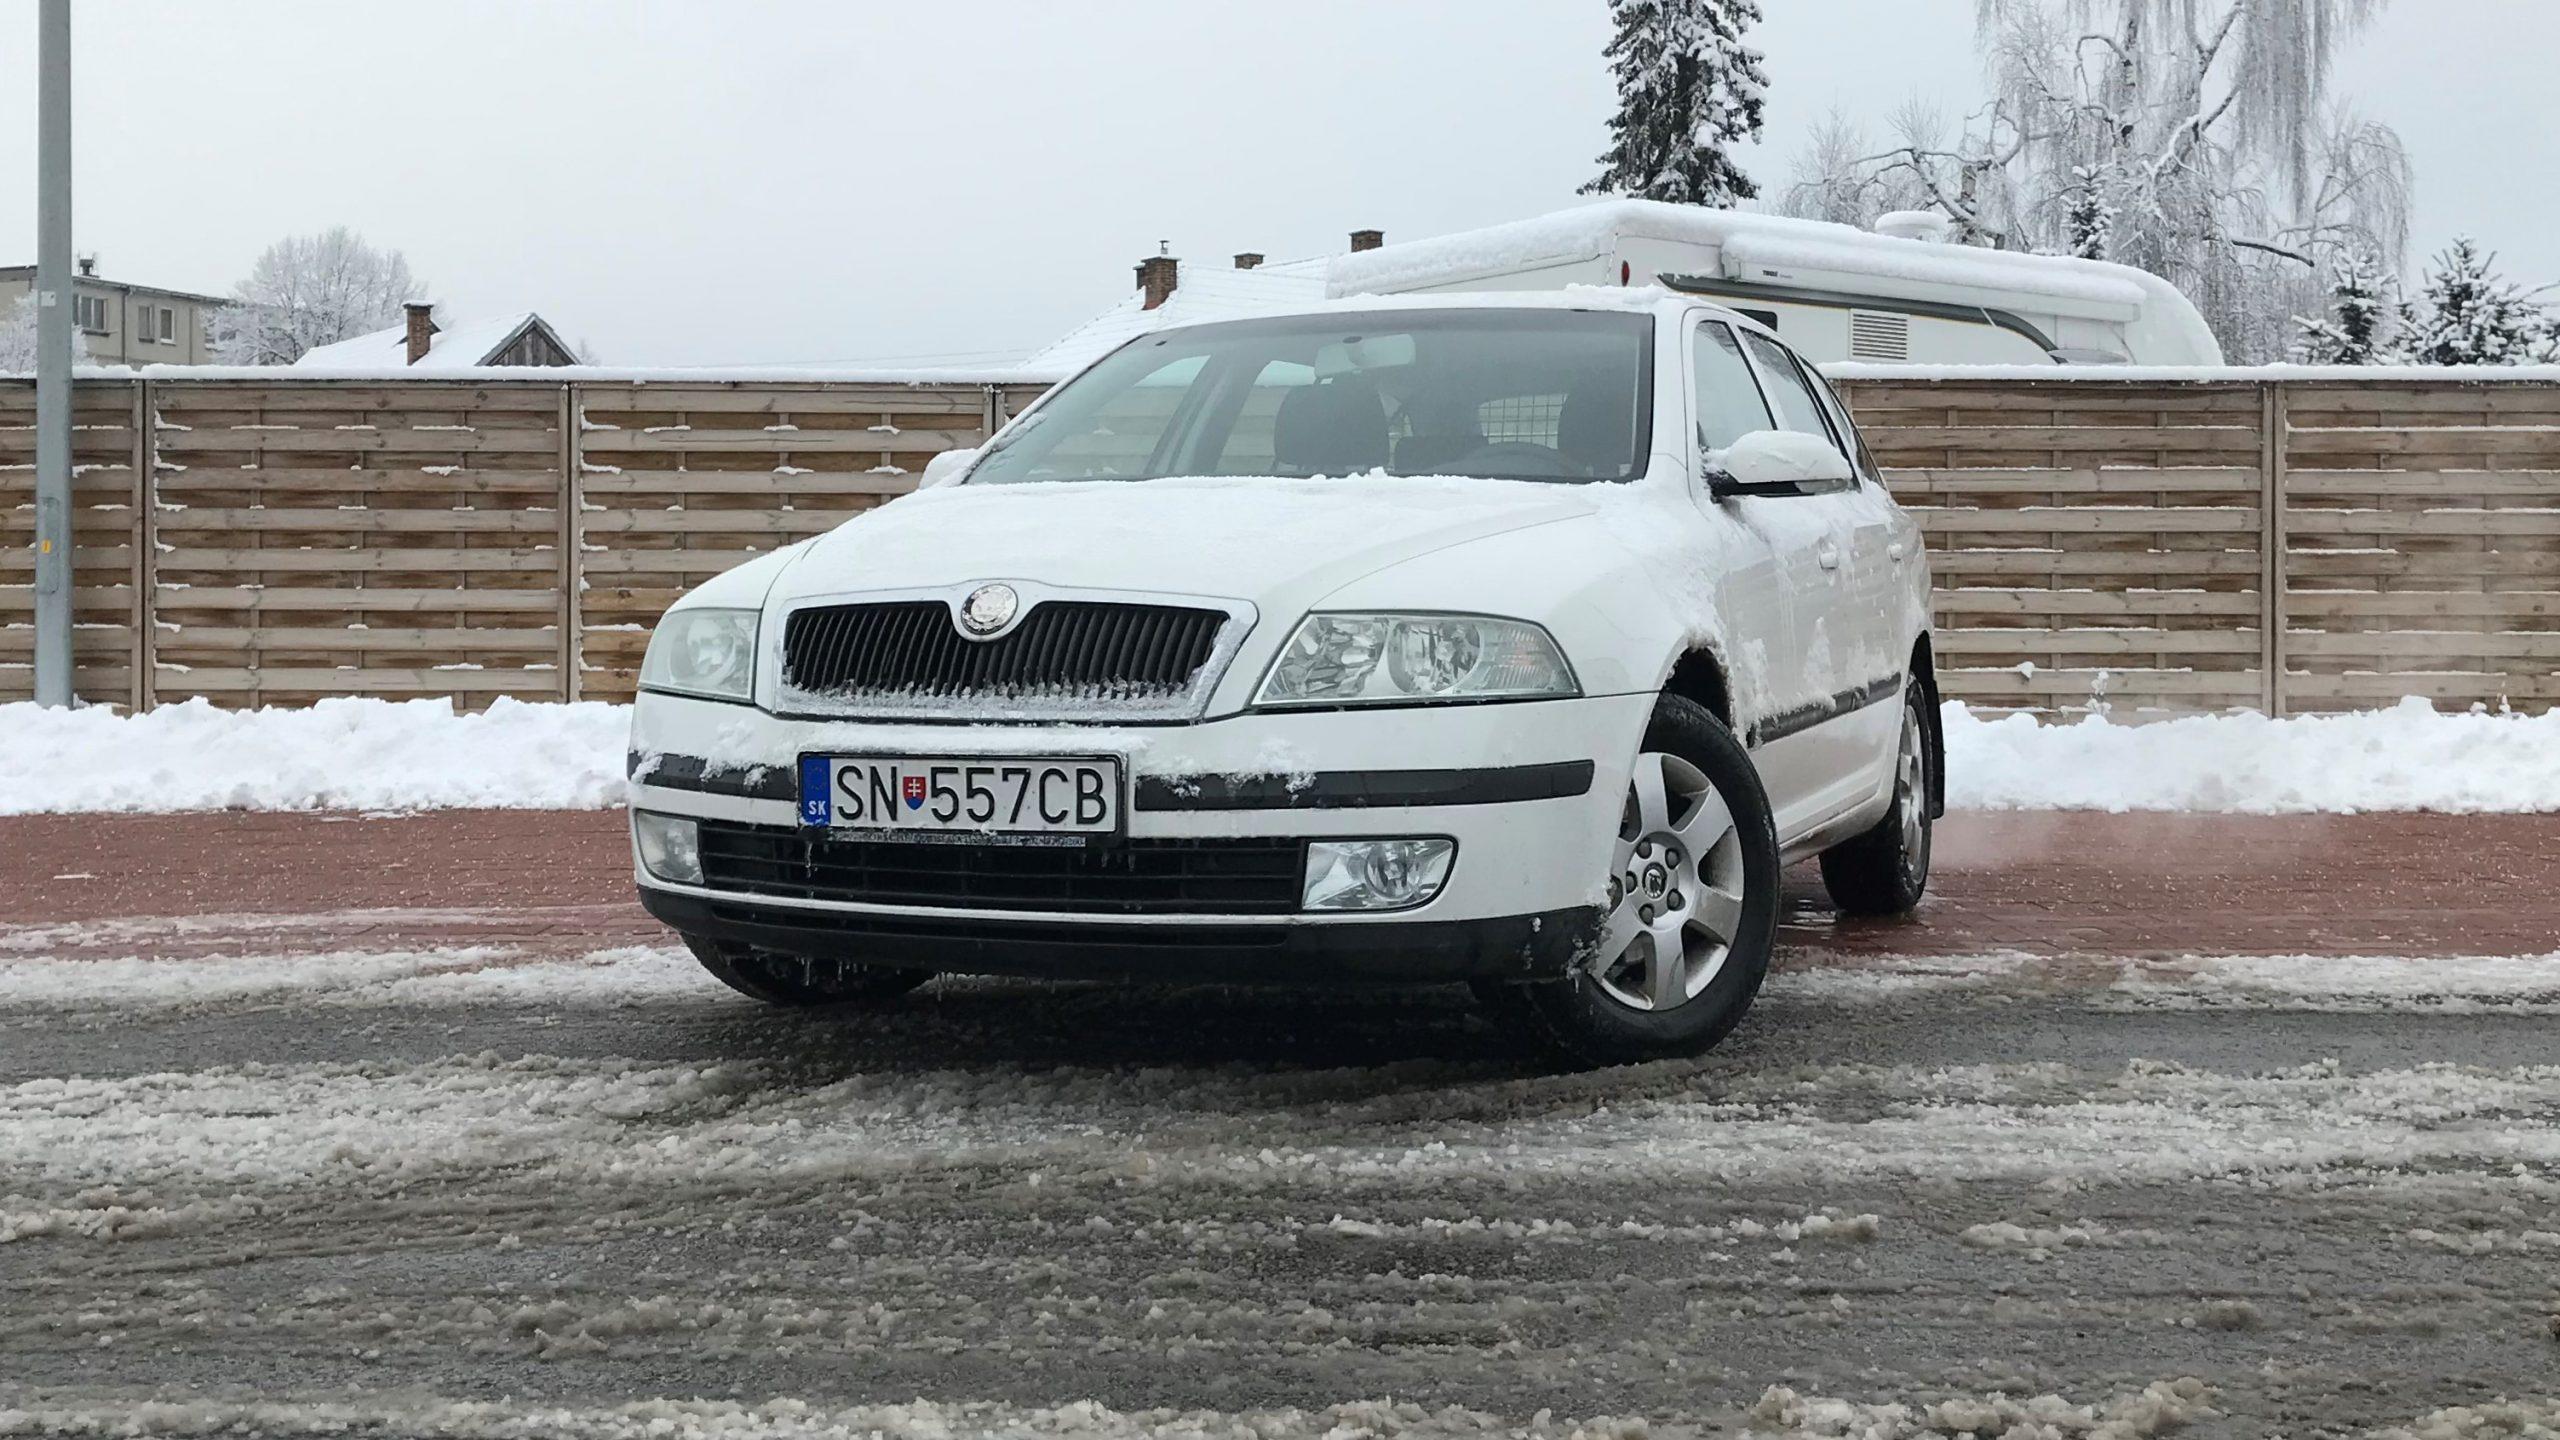 2005 Škoda Octavia Combi 2. gen. 1.9 TDI 77 kW test jazdenky recenzia skúsenosti